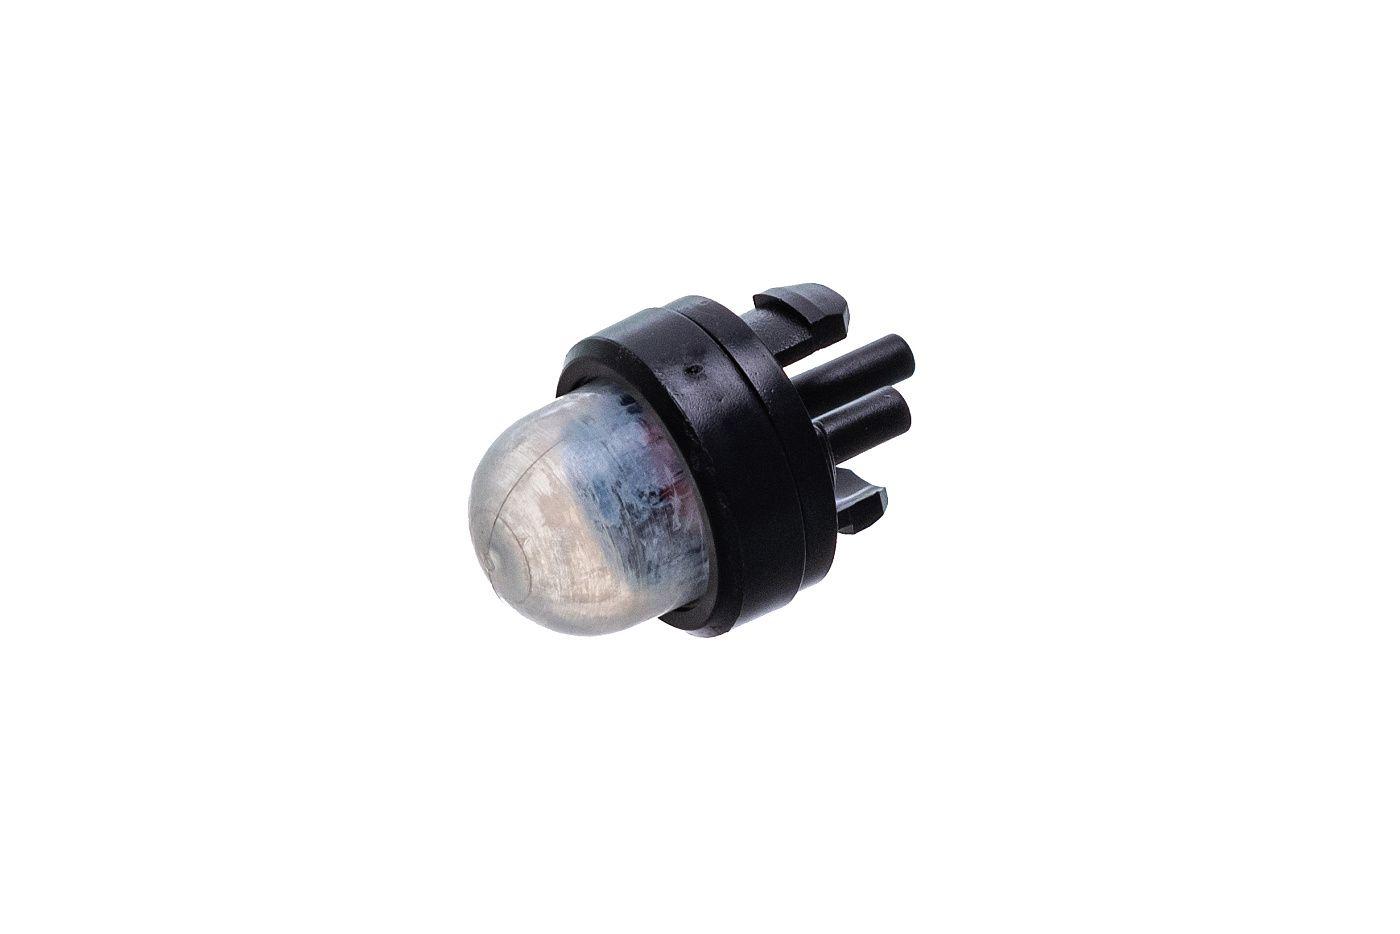 Palivová pumpička Stihl FS120 FS300 FS400 MS181 MS250 MS211 Husqvarna 235 235e 236 240